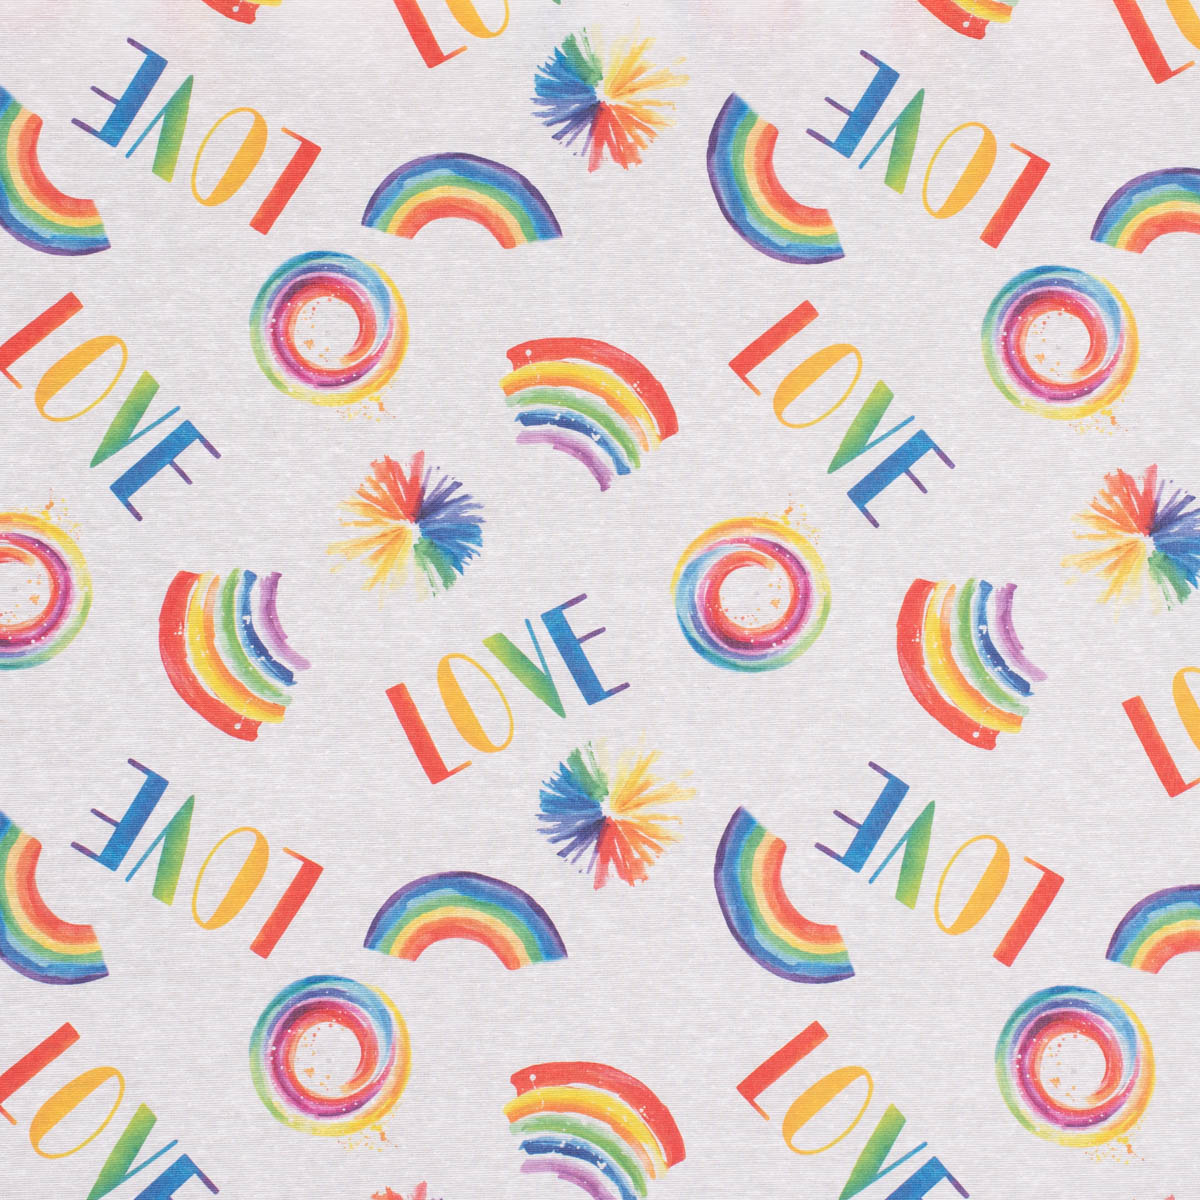 Dekostoff Ottoman Baumwoll-Mischgewebe Rotti Love Regenbogen bunt weiß 1,40m Breite